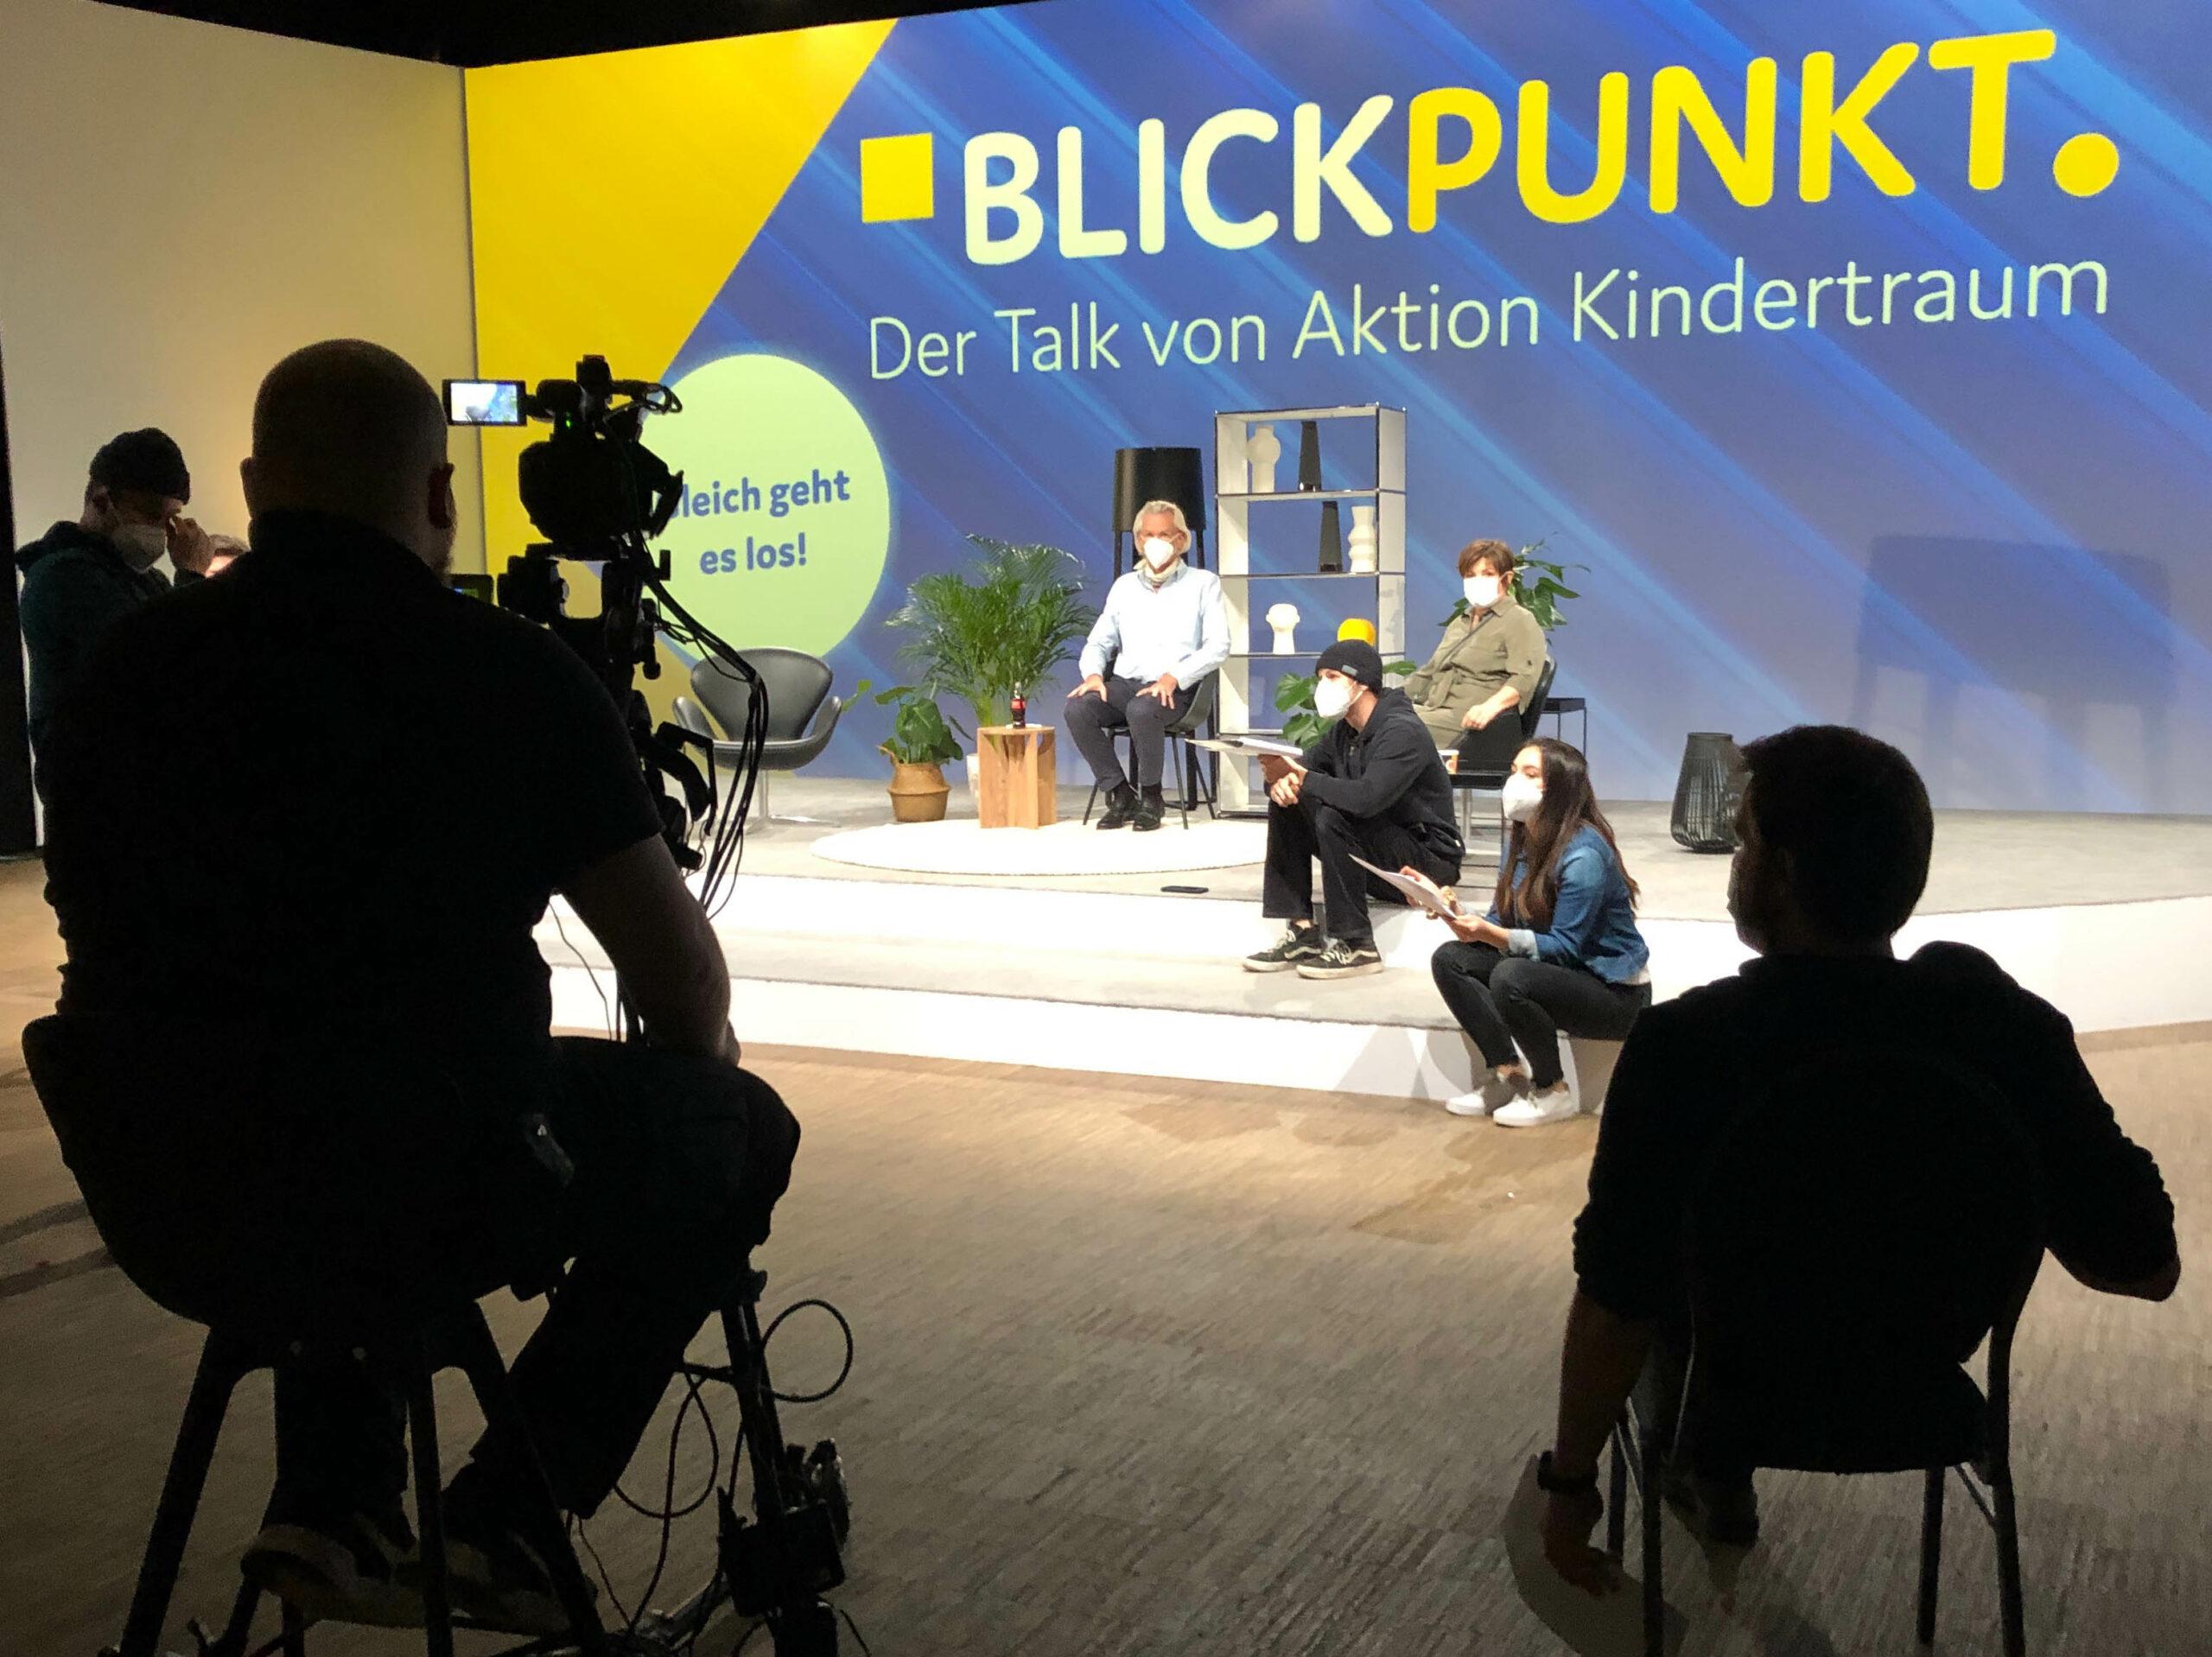 """Aktion Kindertraum Blog Aufnahme Blickpunkt scaled - Unsere 2. Talkshow: Transparenz im """"Blickpunkt"""""""